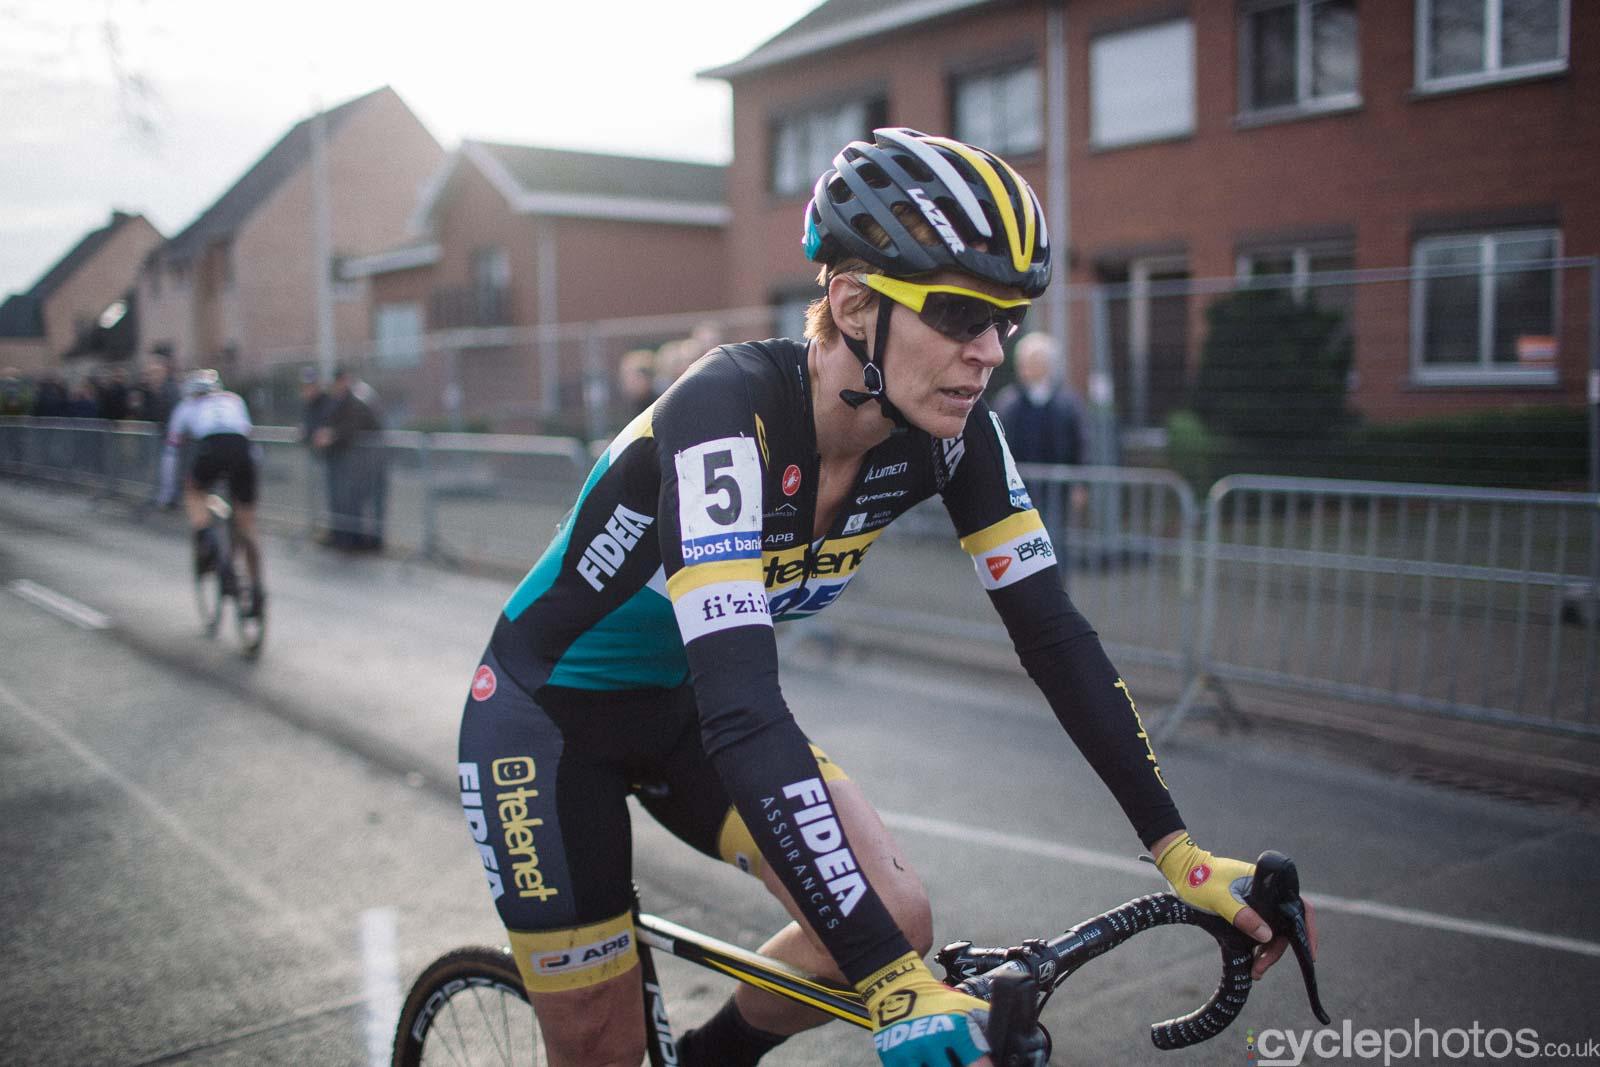 2015-cyclephotos-cyclocross-azencross-142958-ellen-van-loy